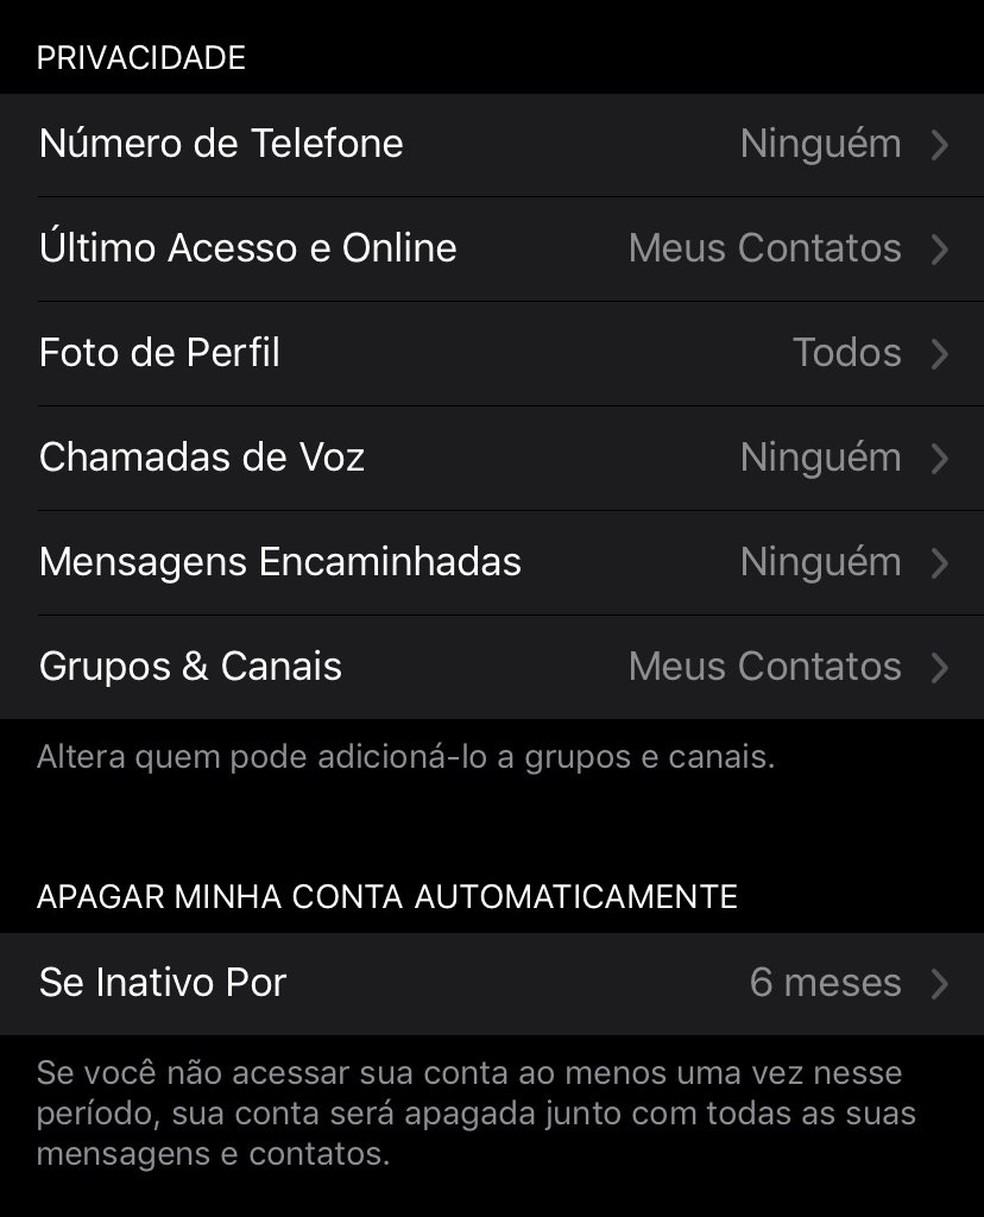 Menu de privacidade do Telegram permite configurar quem pode adicionar usuário em grupos ou ver informações pessoais. — Foto: Reprodução/G1